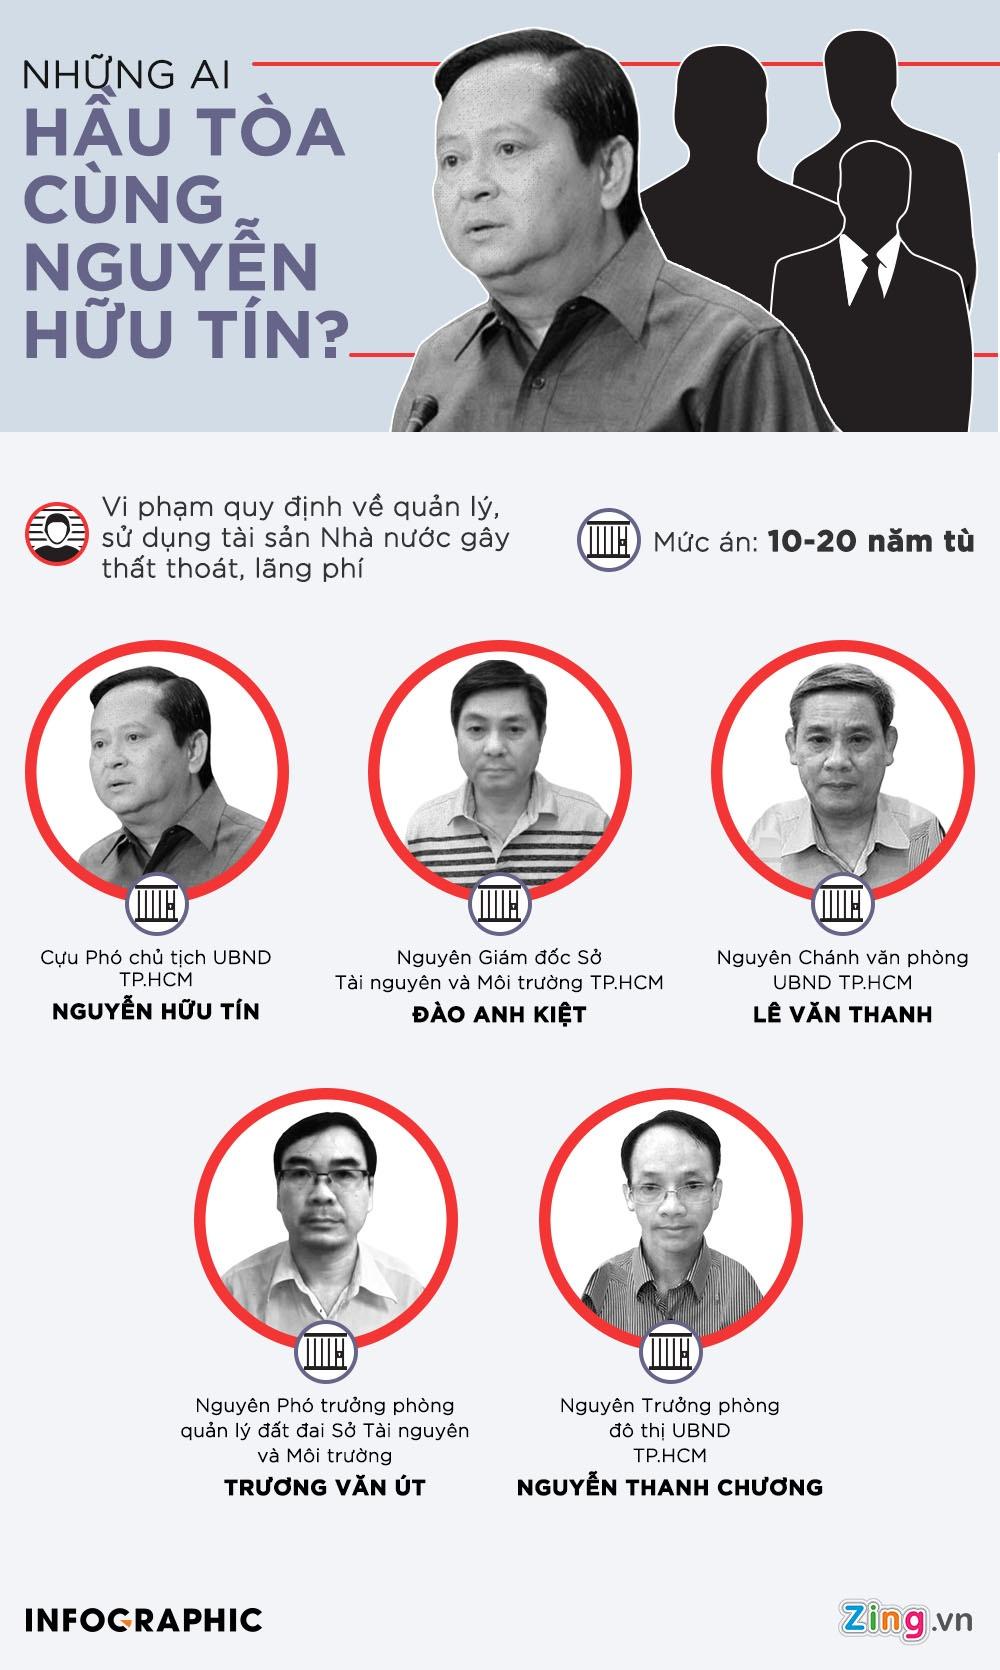 Ong Nguyen Huu Tin: 'Toi sai roi' hinh anh 3 INFOGRAPHICS_1.jpg